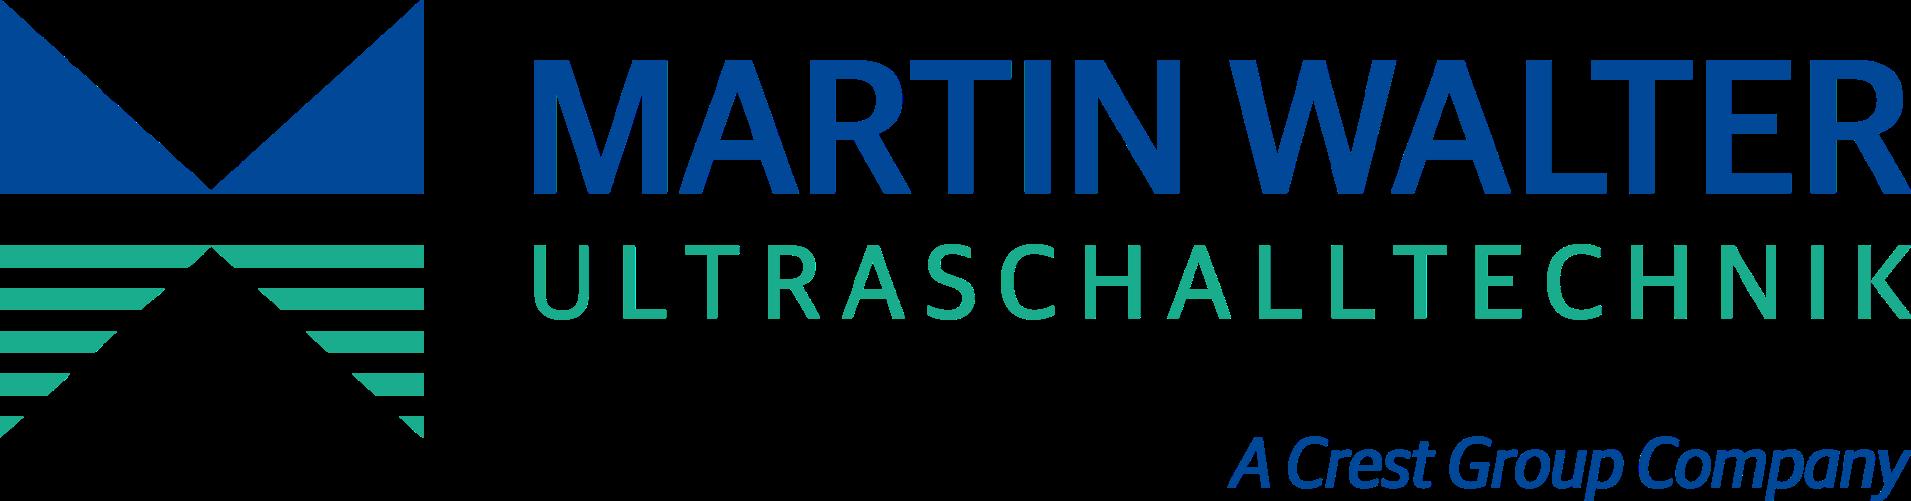 Home - Martin Walter Ultraschalltechnik